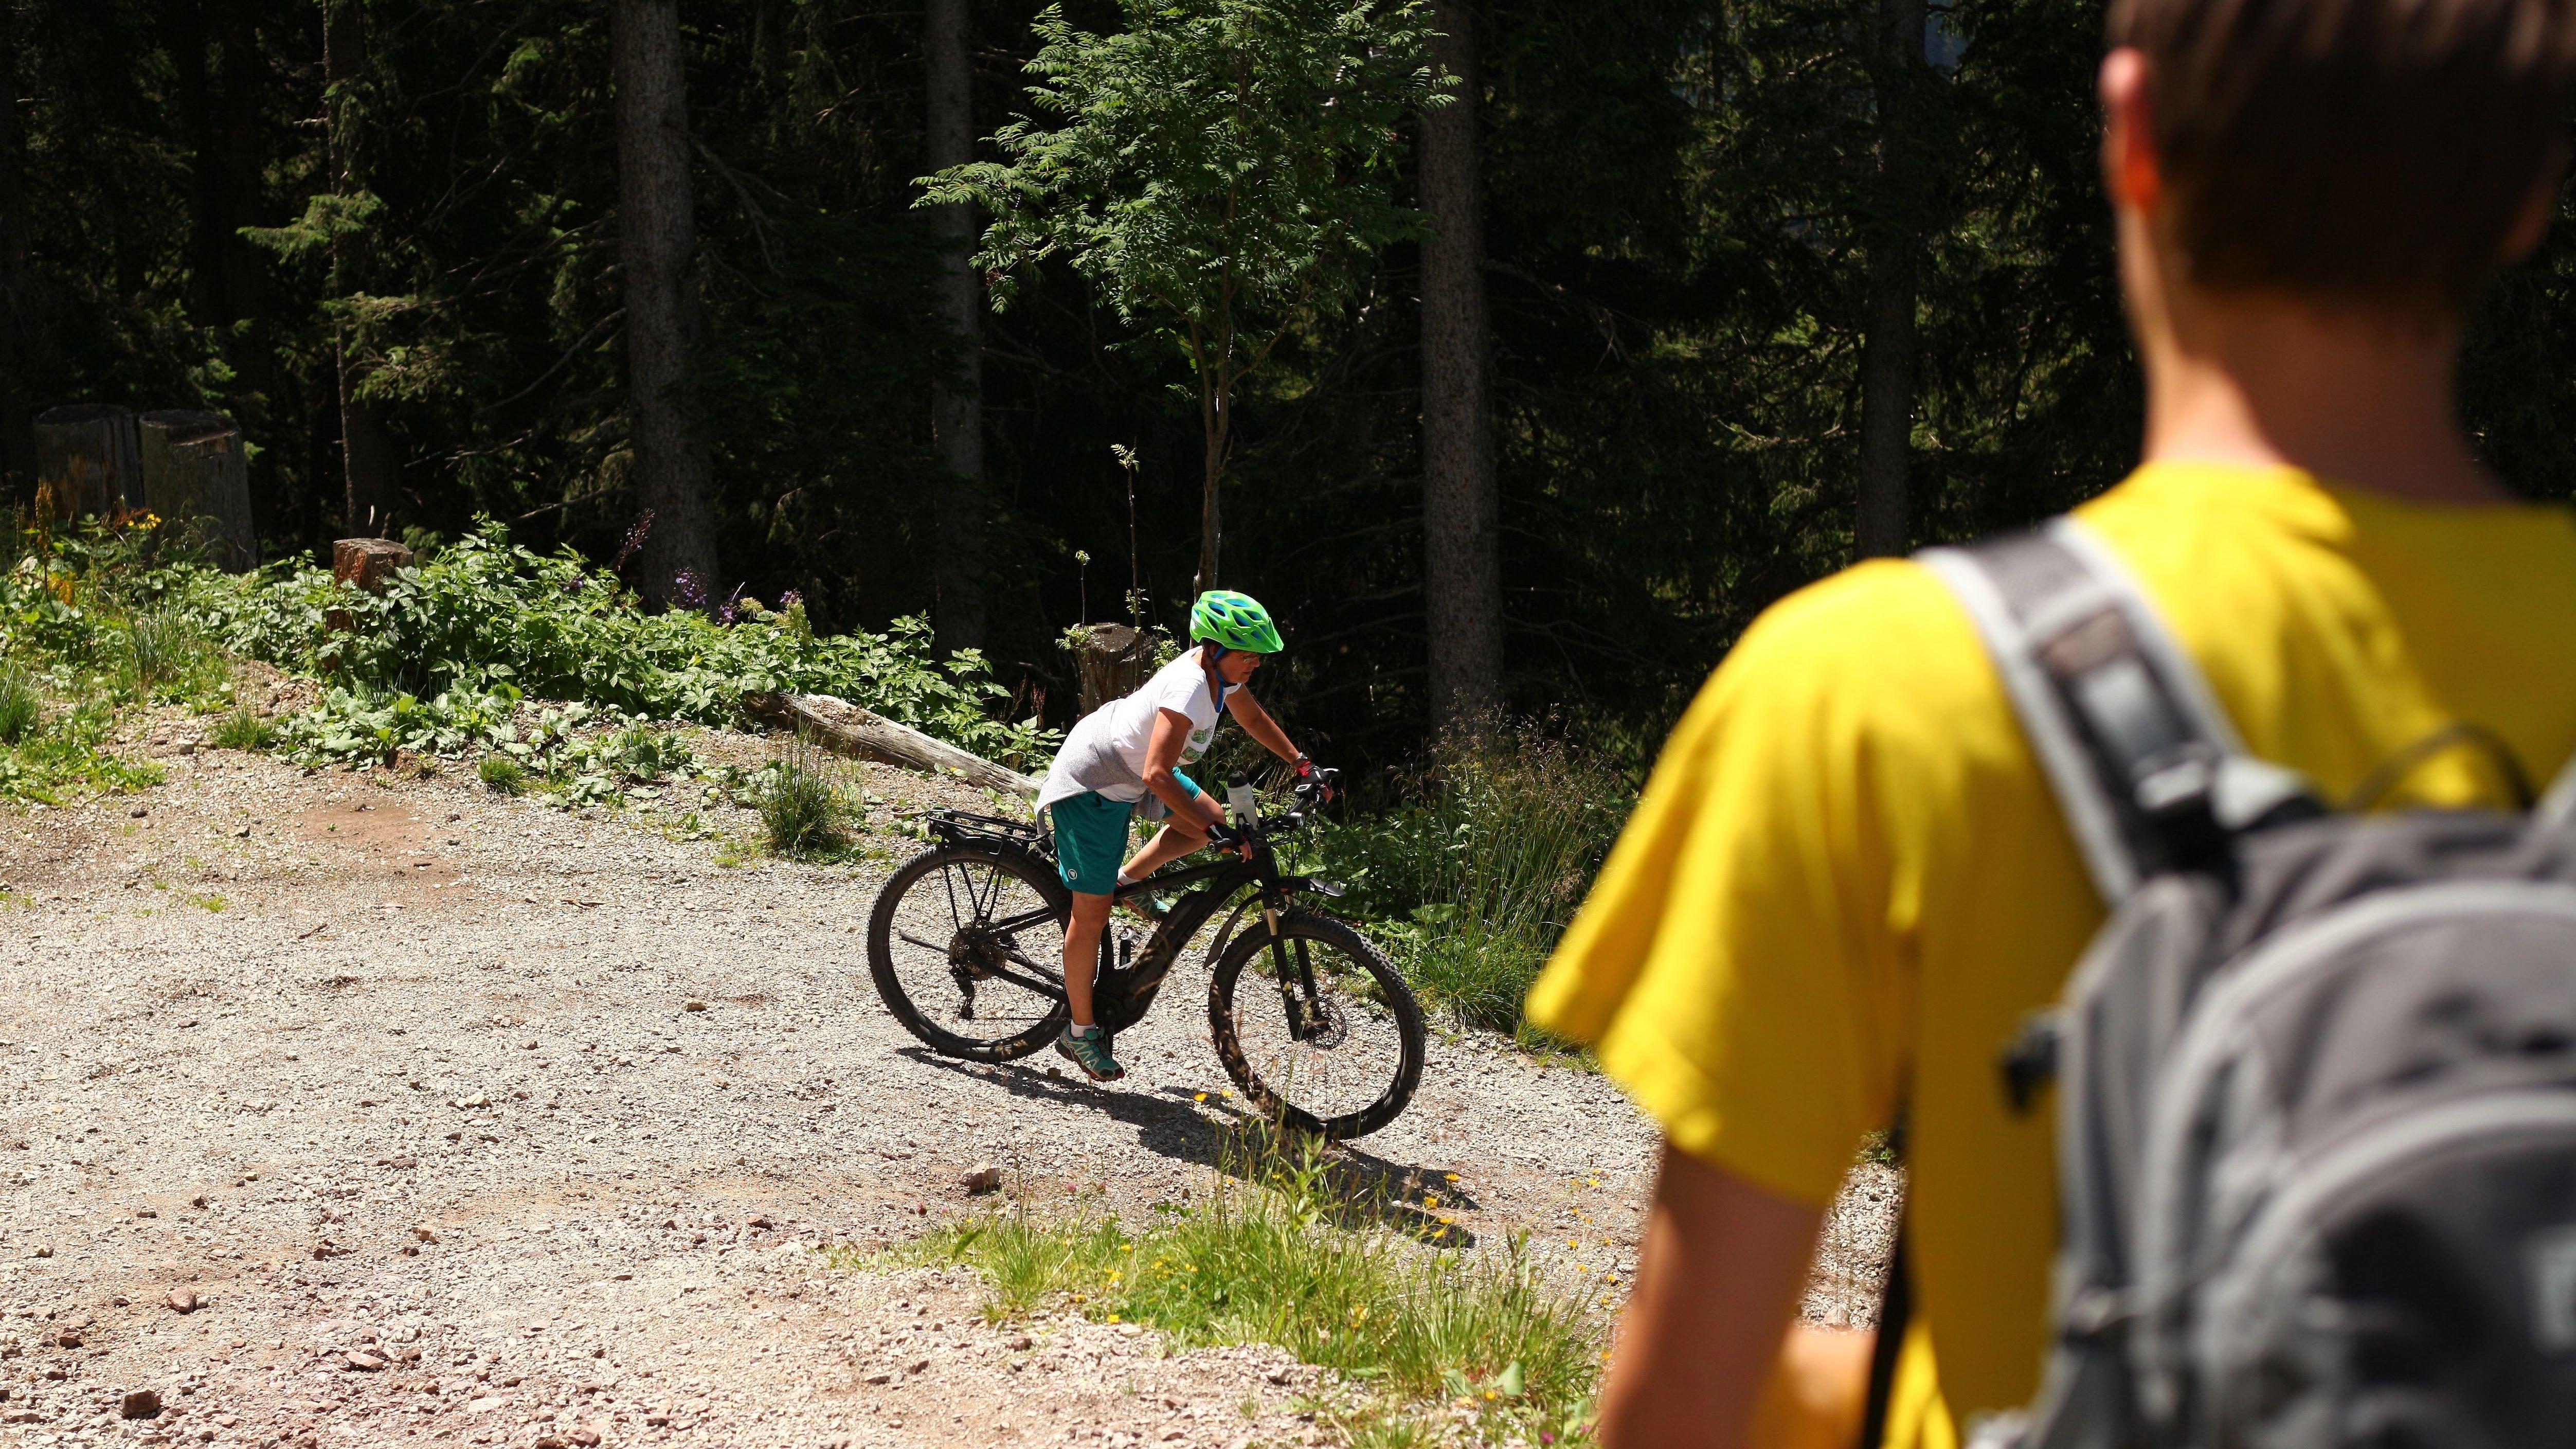 Eine Frau fährt auf einem E-Mountainbike vor einem Wanderer einen Berg herunter